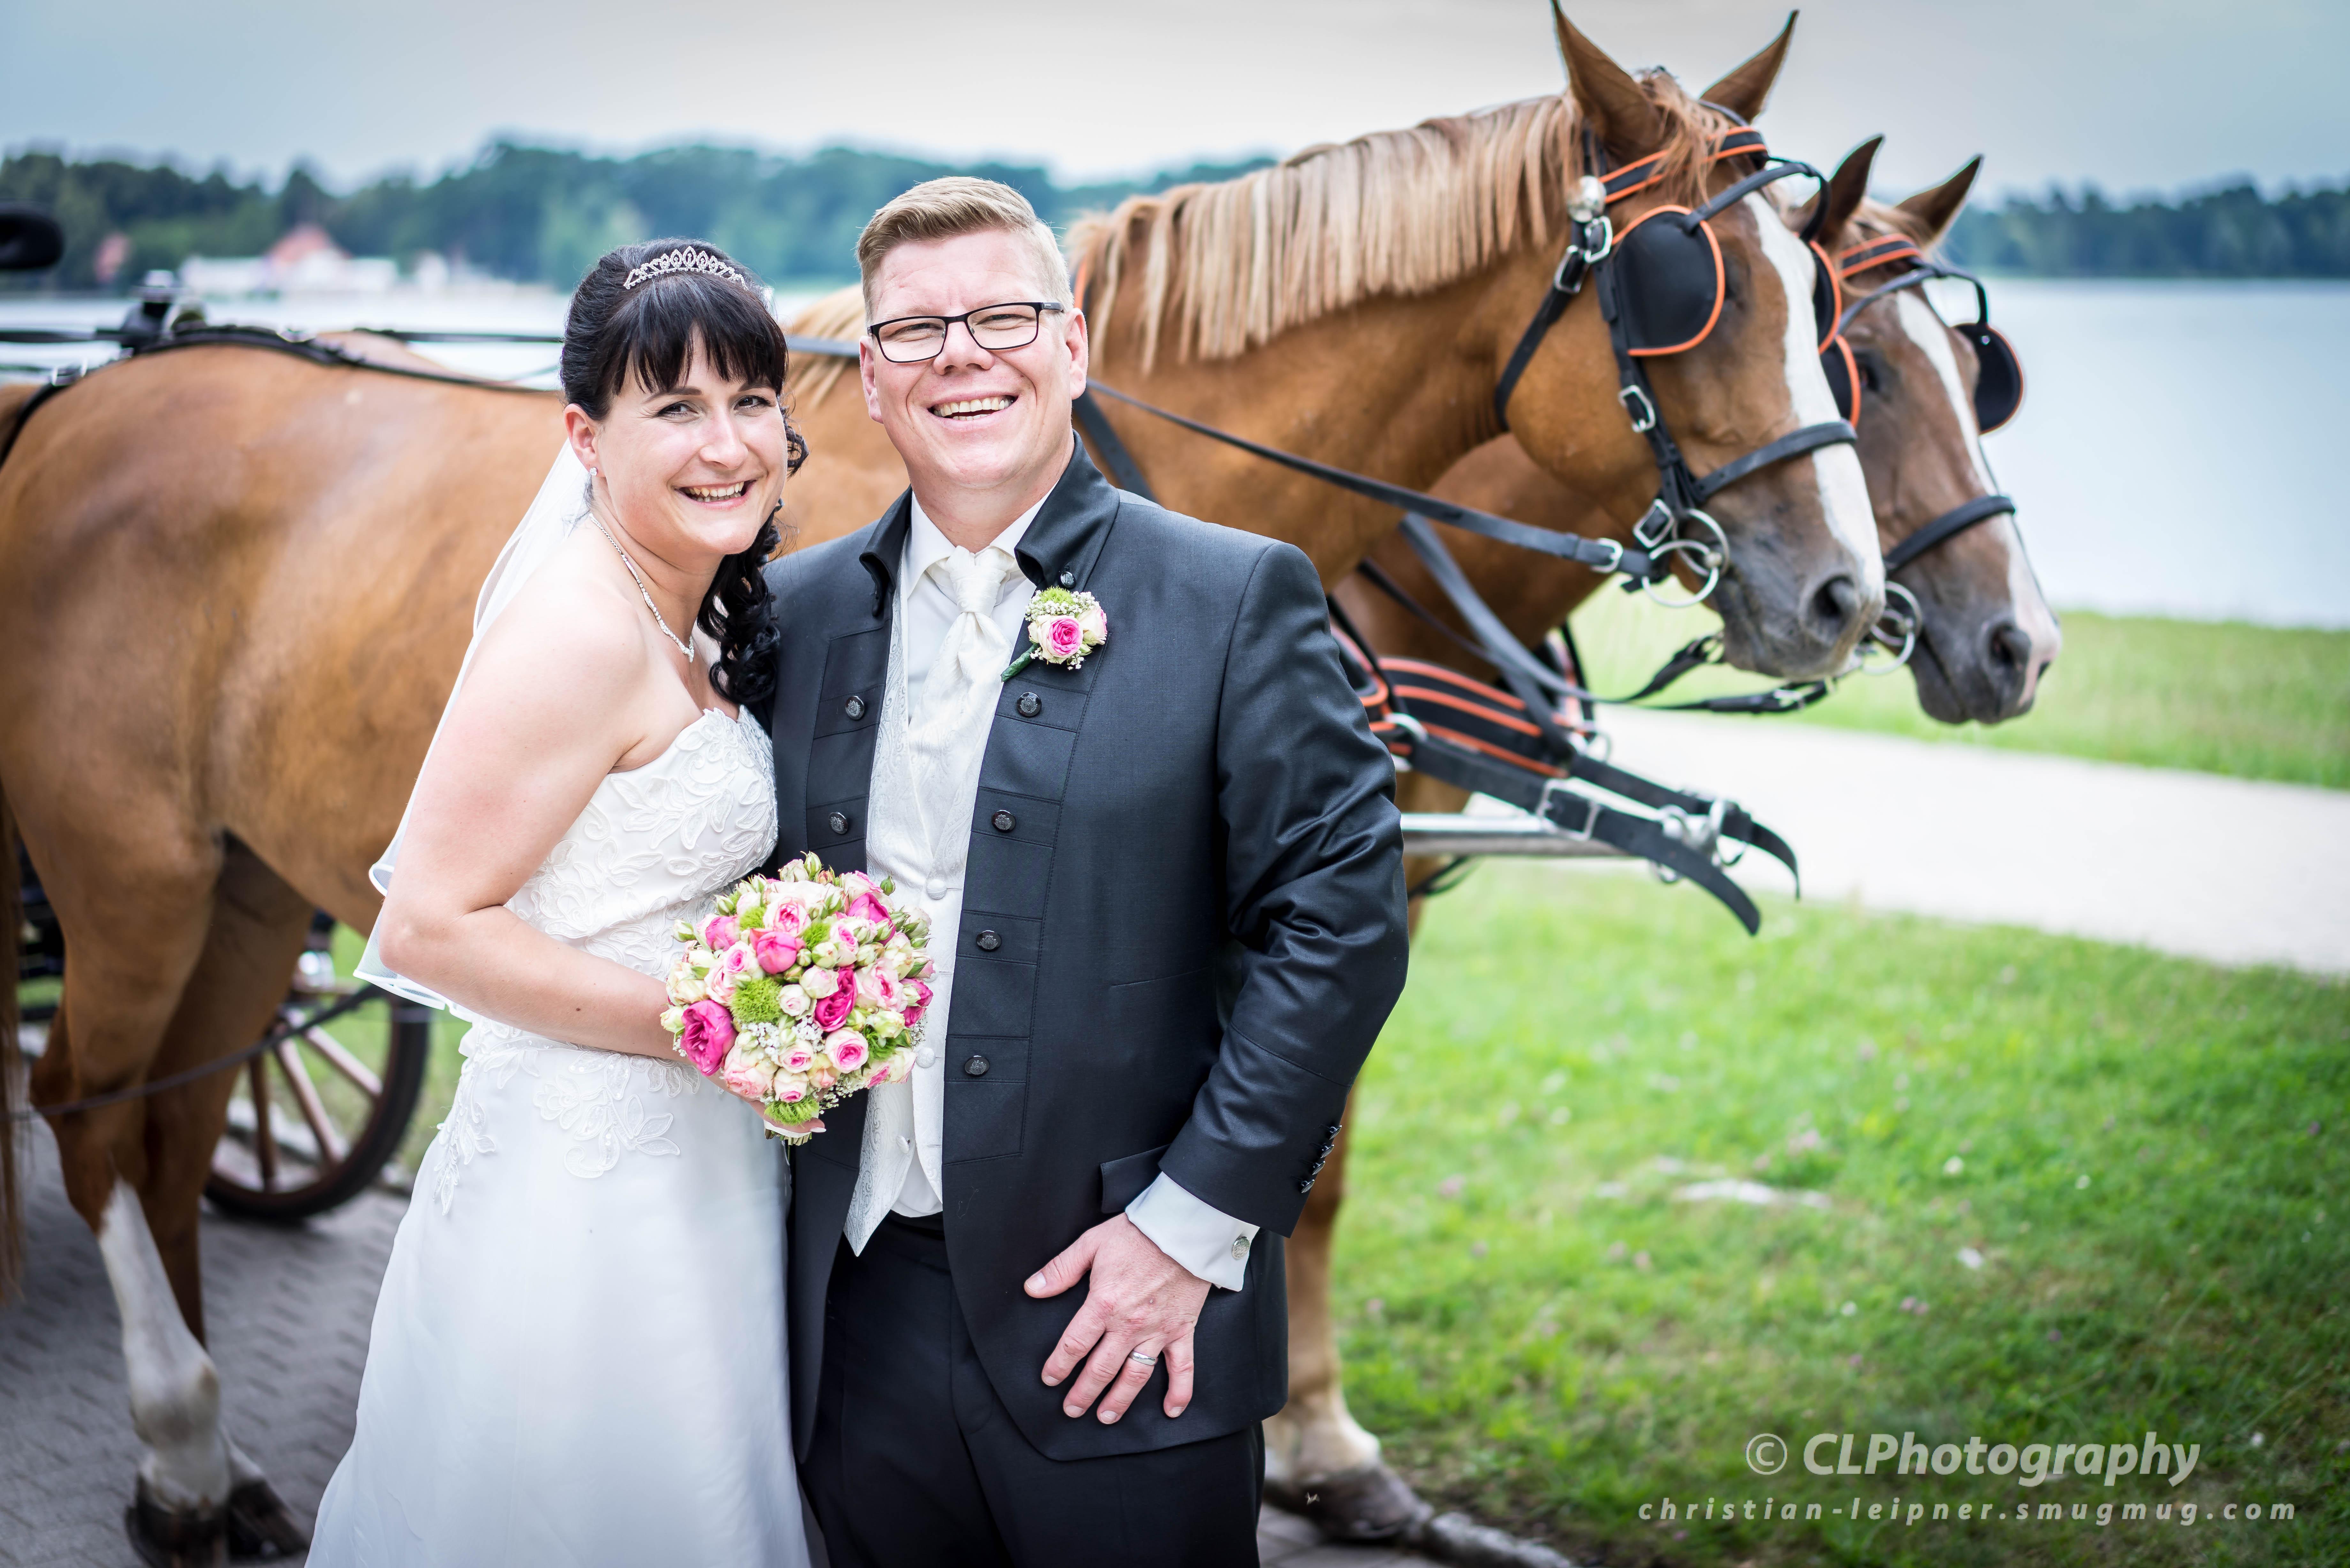 Brautpaar_Pferde_c